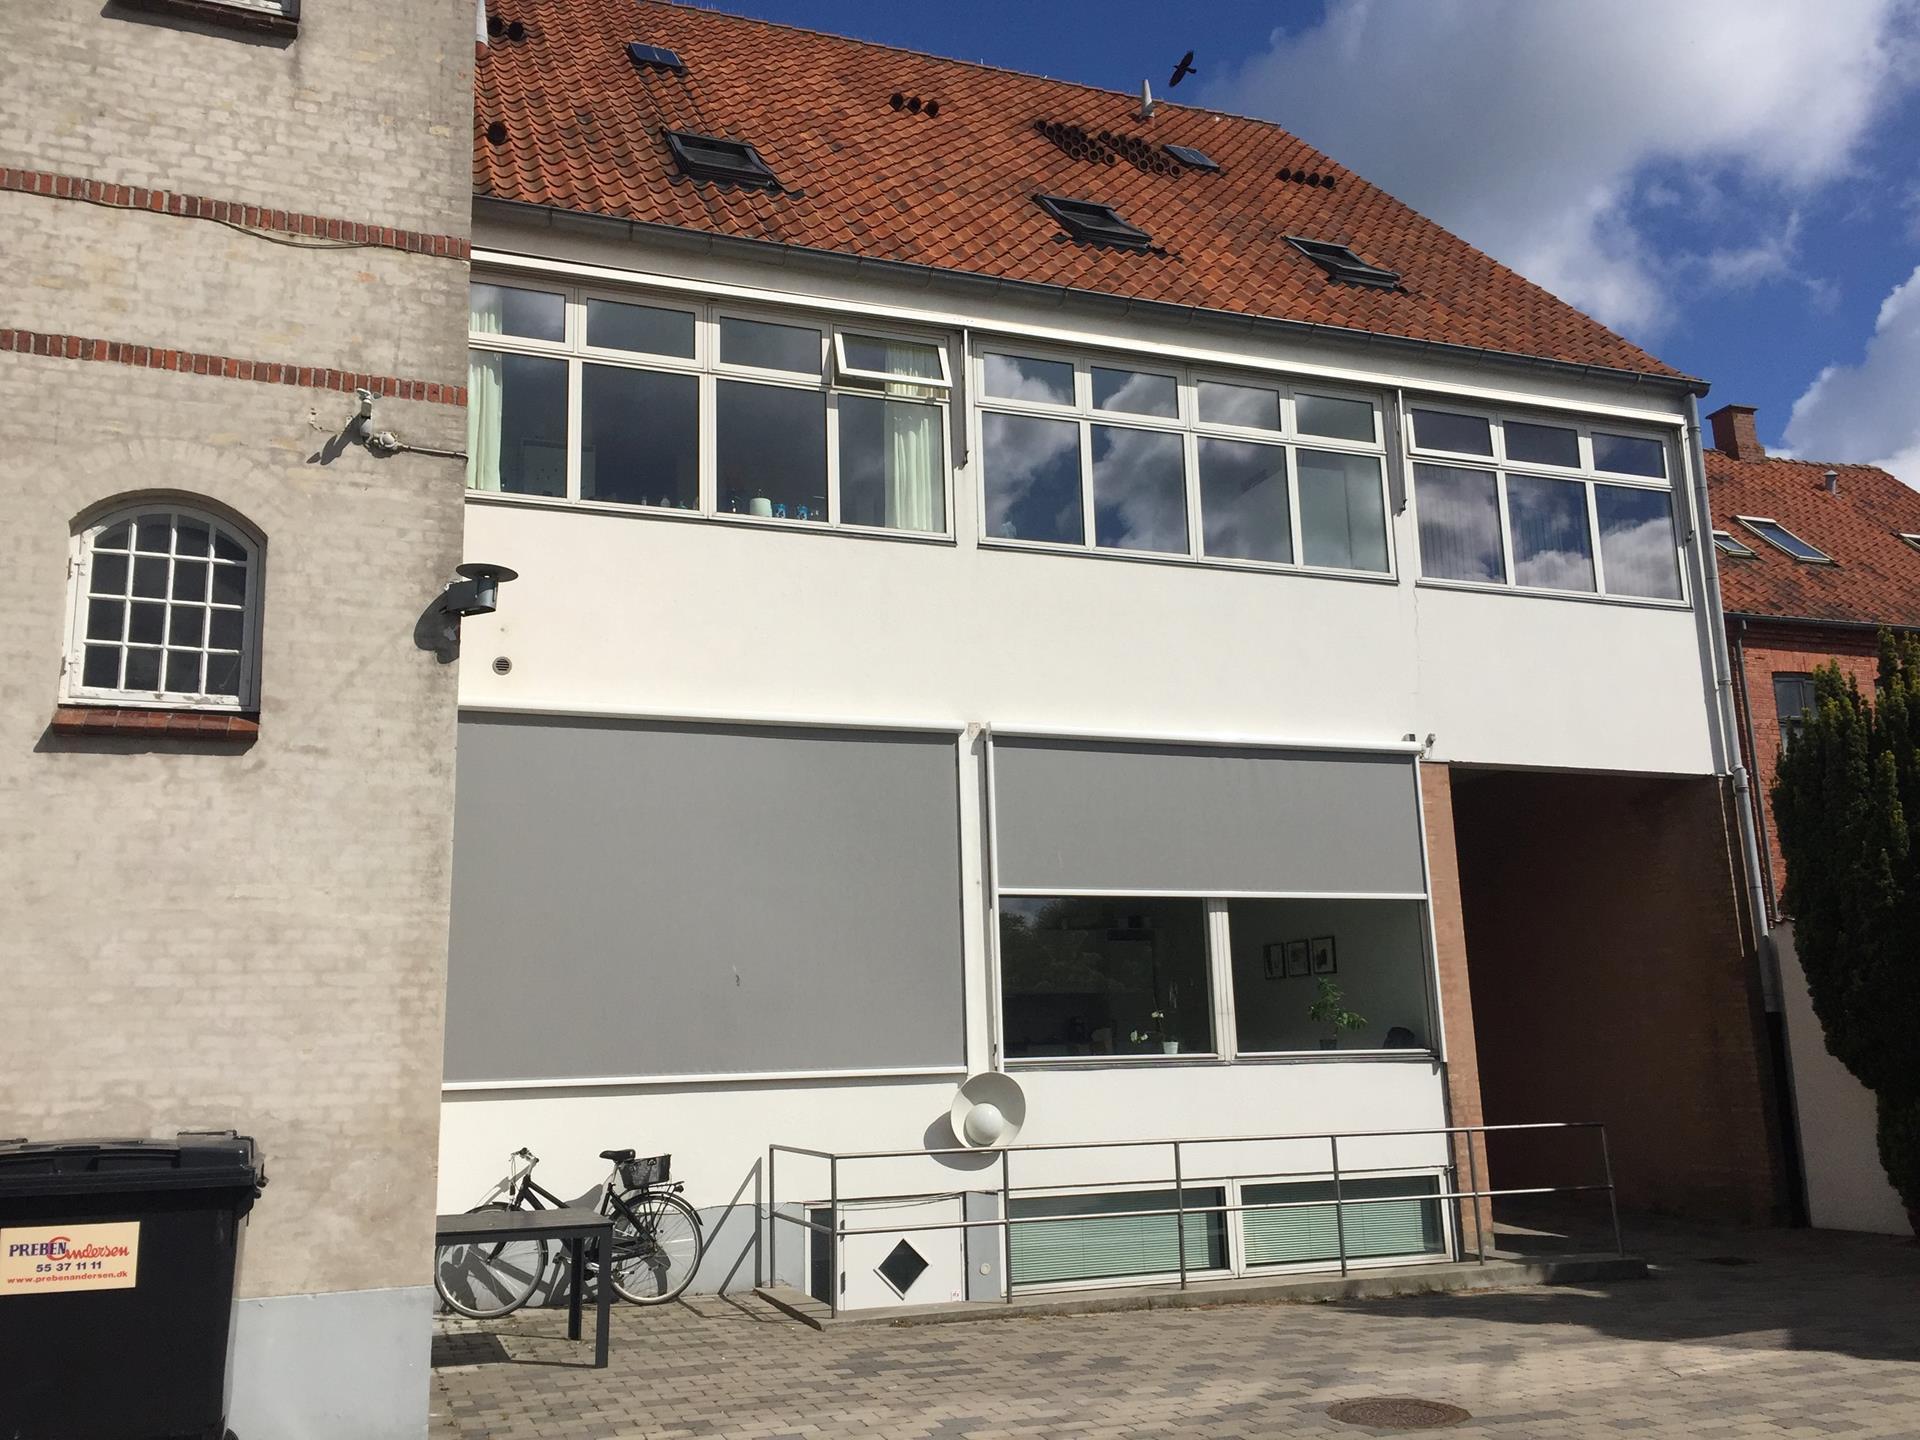 Bolig/erhverv på Adelgade i Præstø - Ejendommen